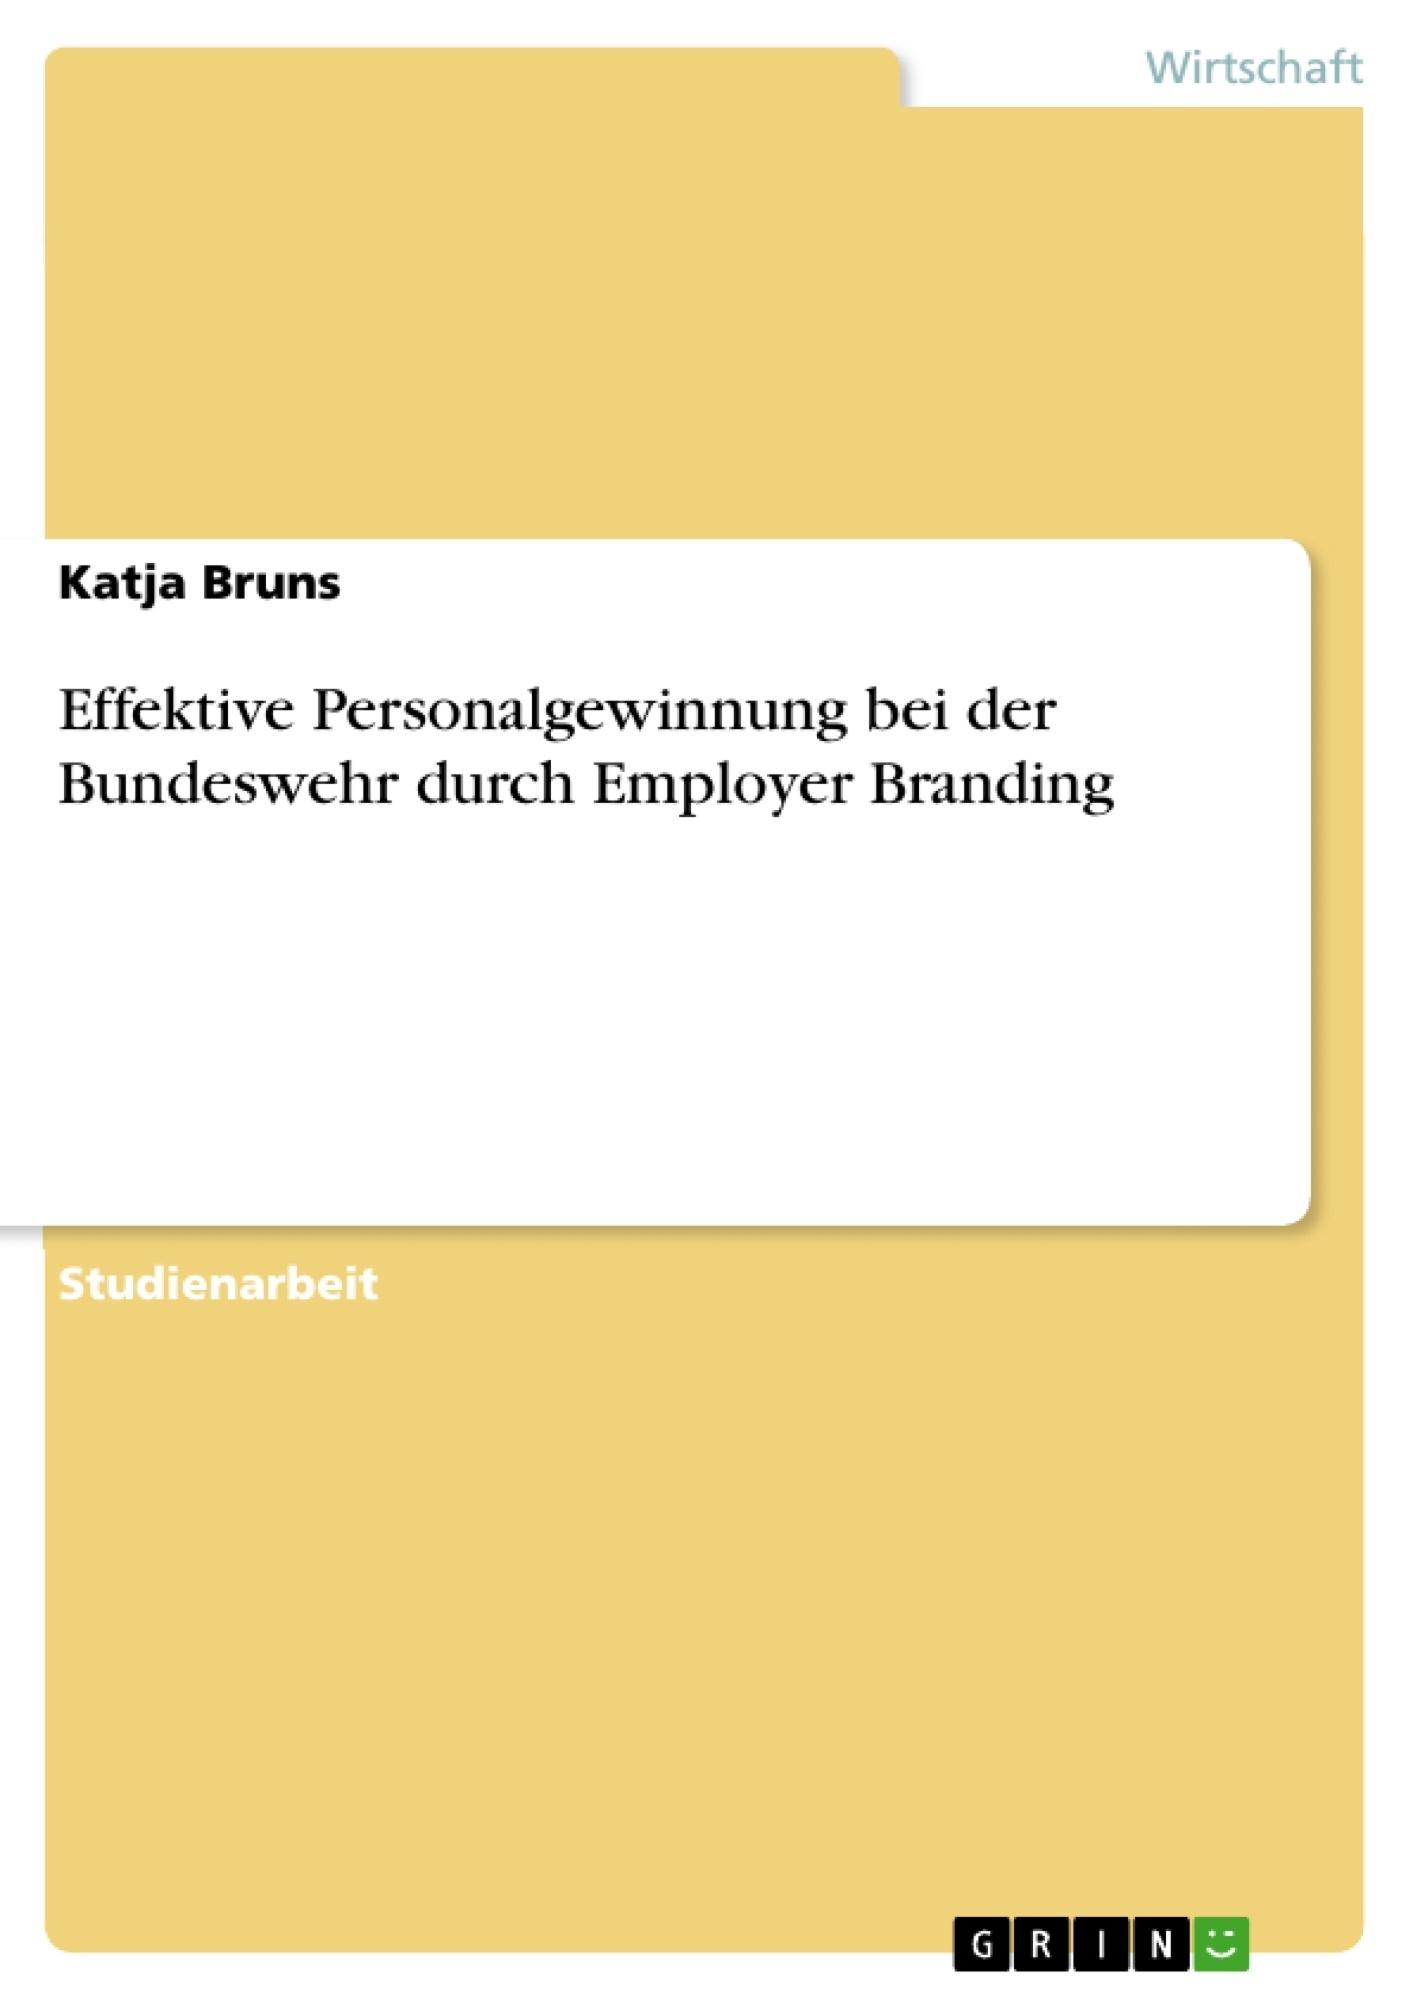 Titel: Effektive Personalgewinnung bei der Bundeswehr durch Employer Branding